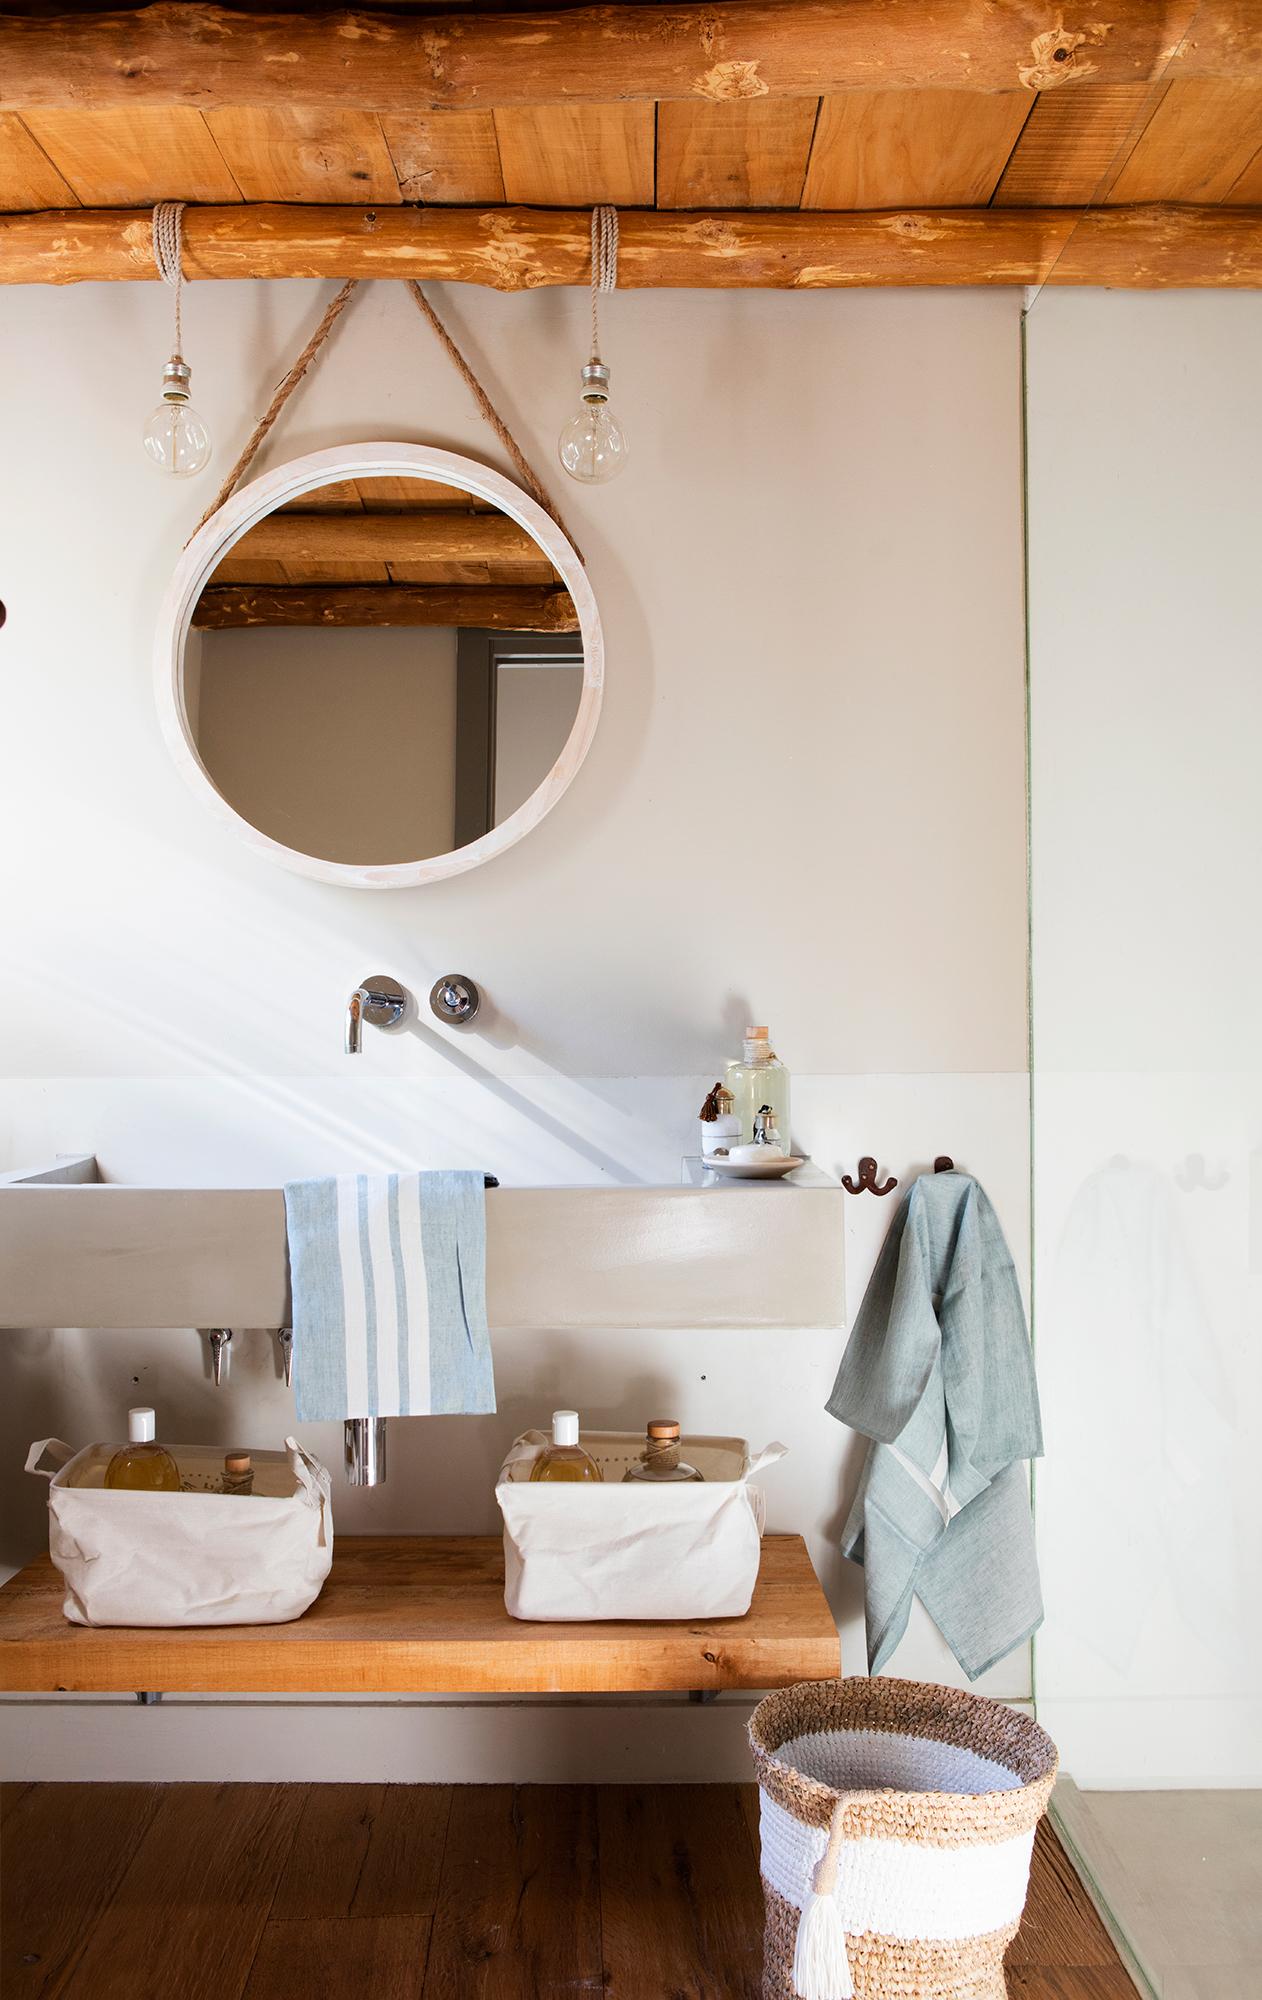 Espejos de ba o 15 dise os de todos los estilos for Disenos de espejos tallados en madera